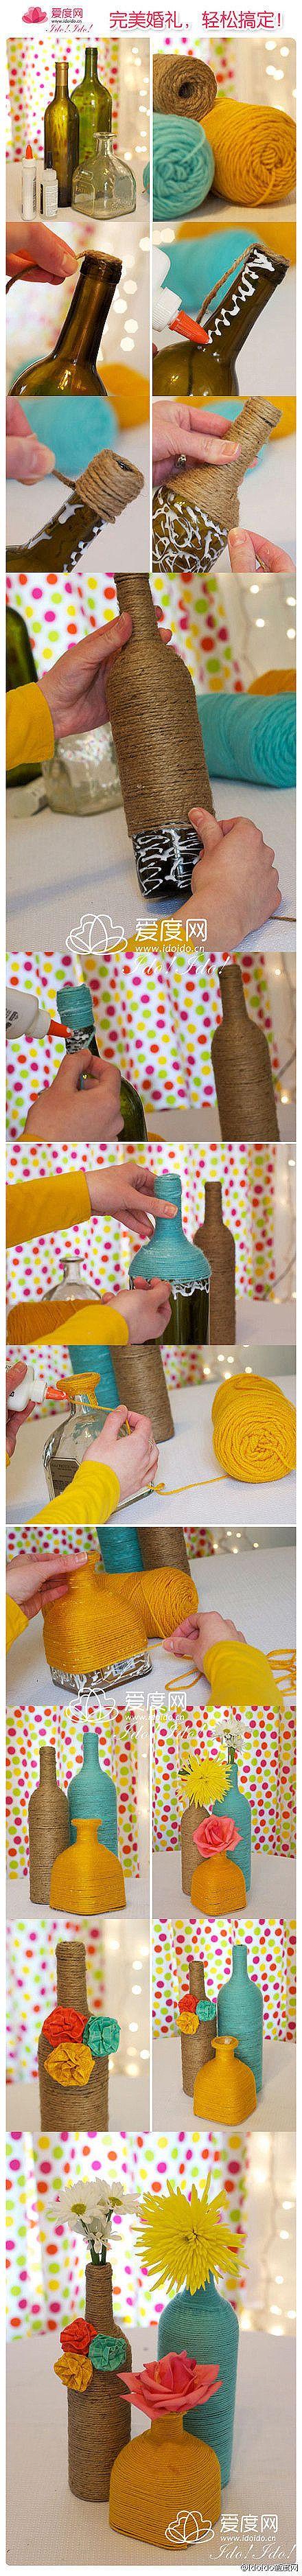 Yarn vases.